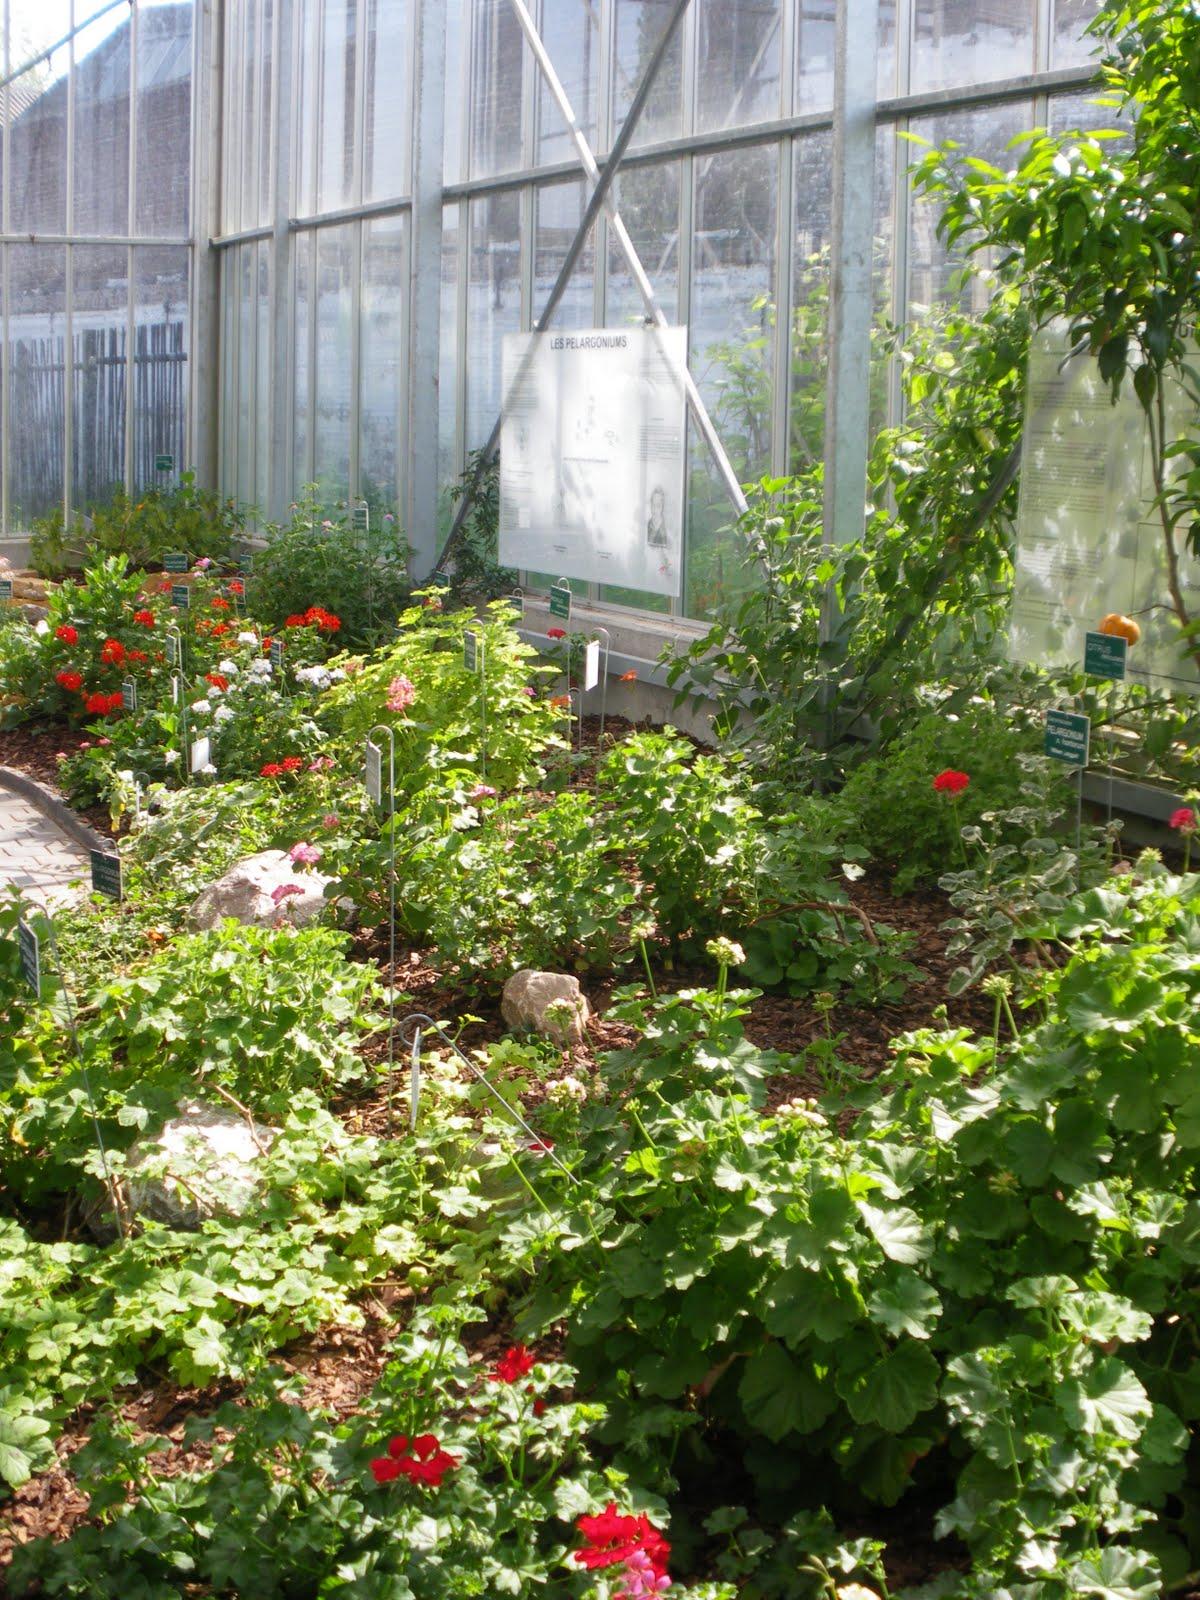 Espace Ouvert D'education Permanente: Visite Guidee Des ... serapportantà Serre De Jardin Occasion